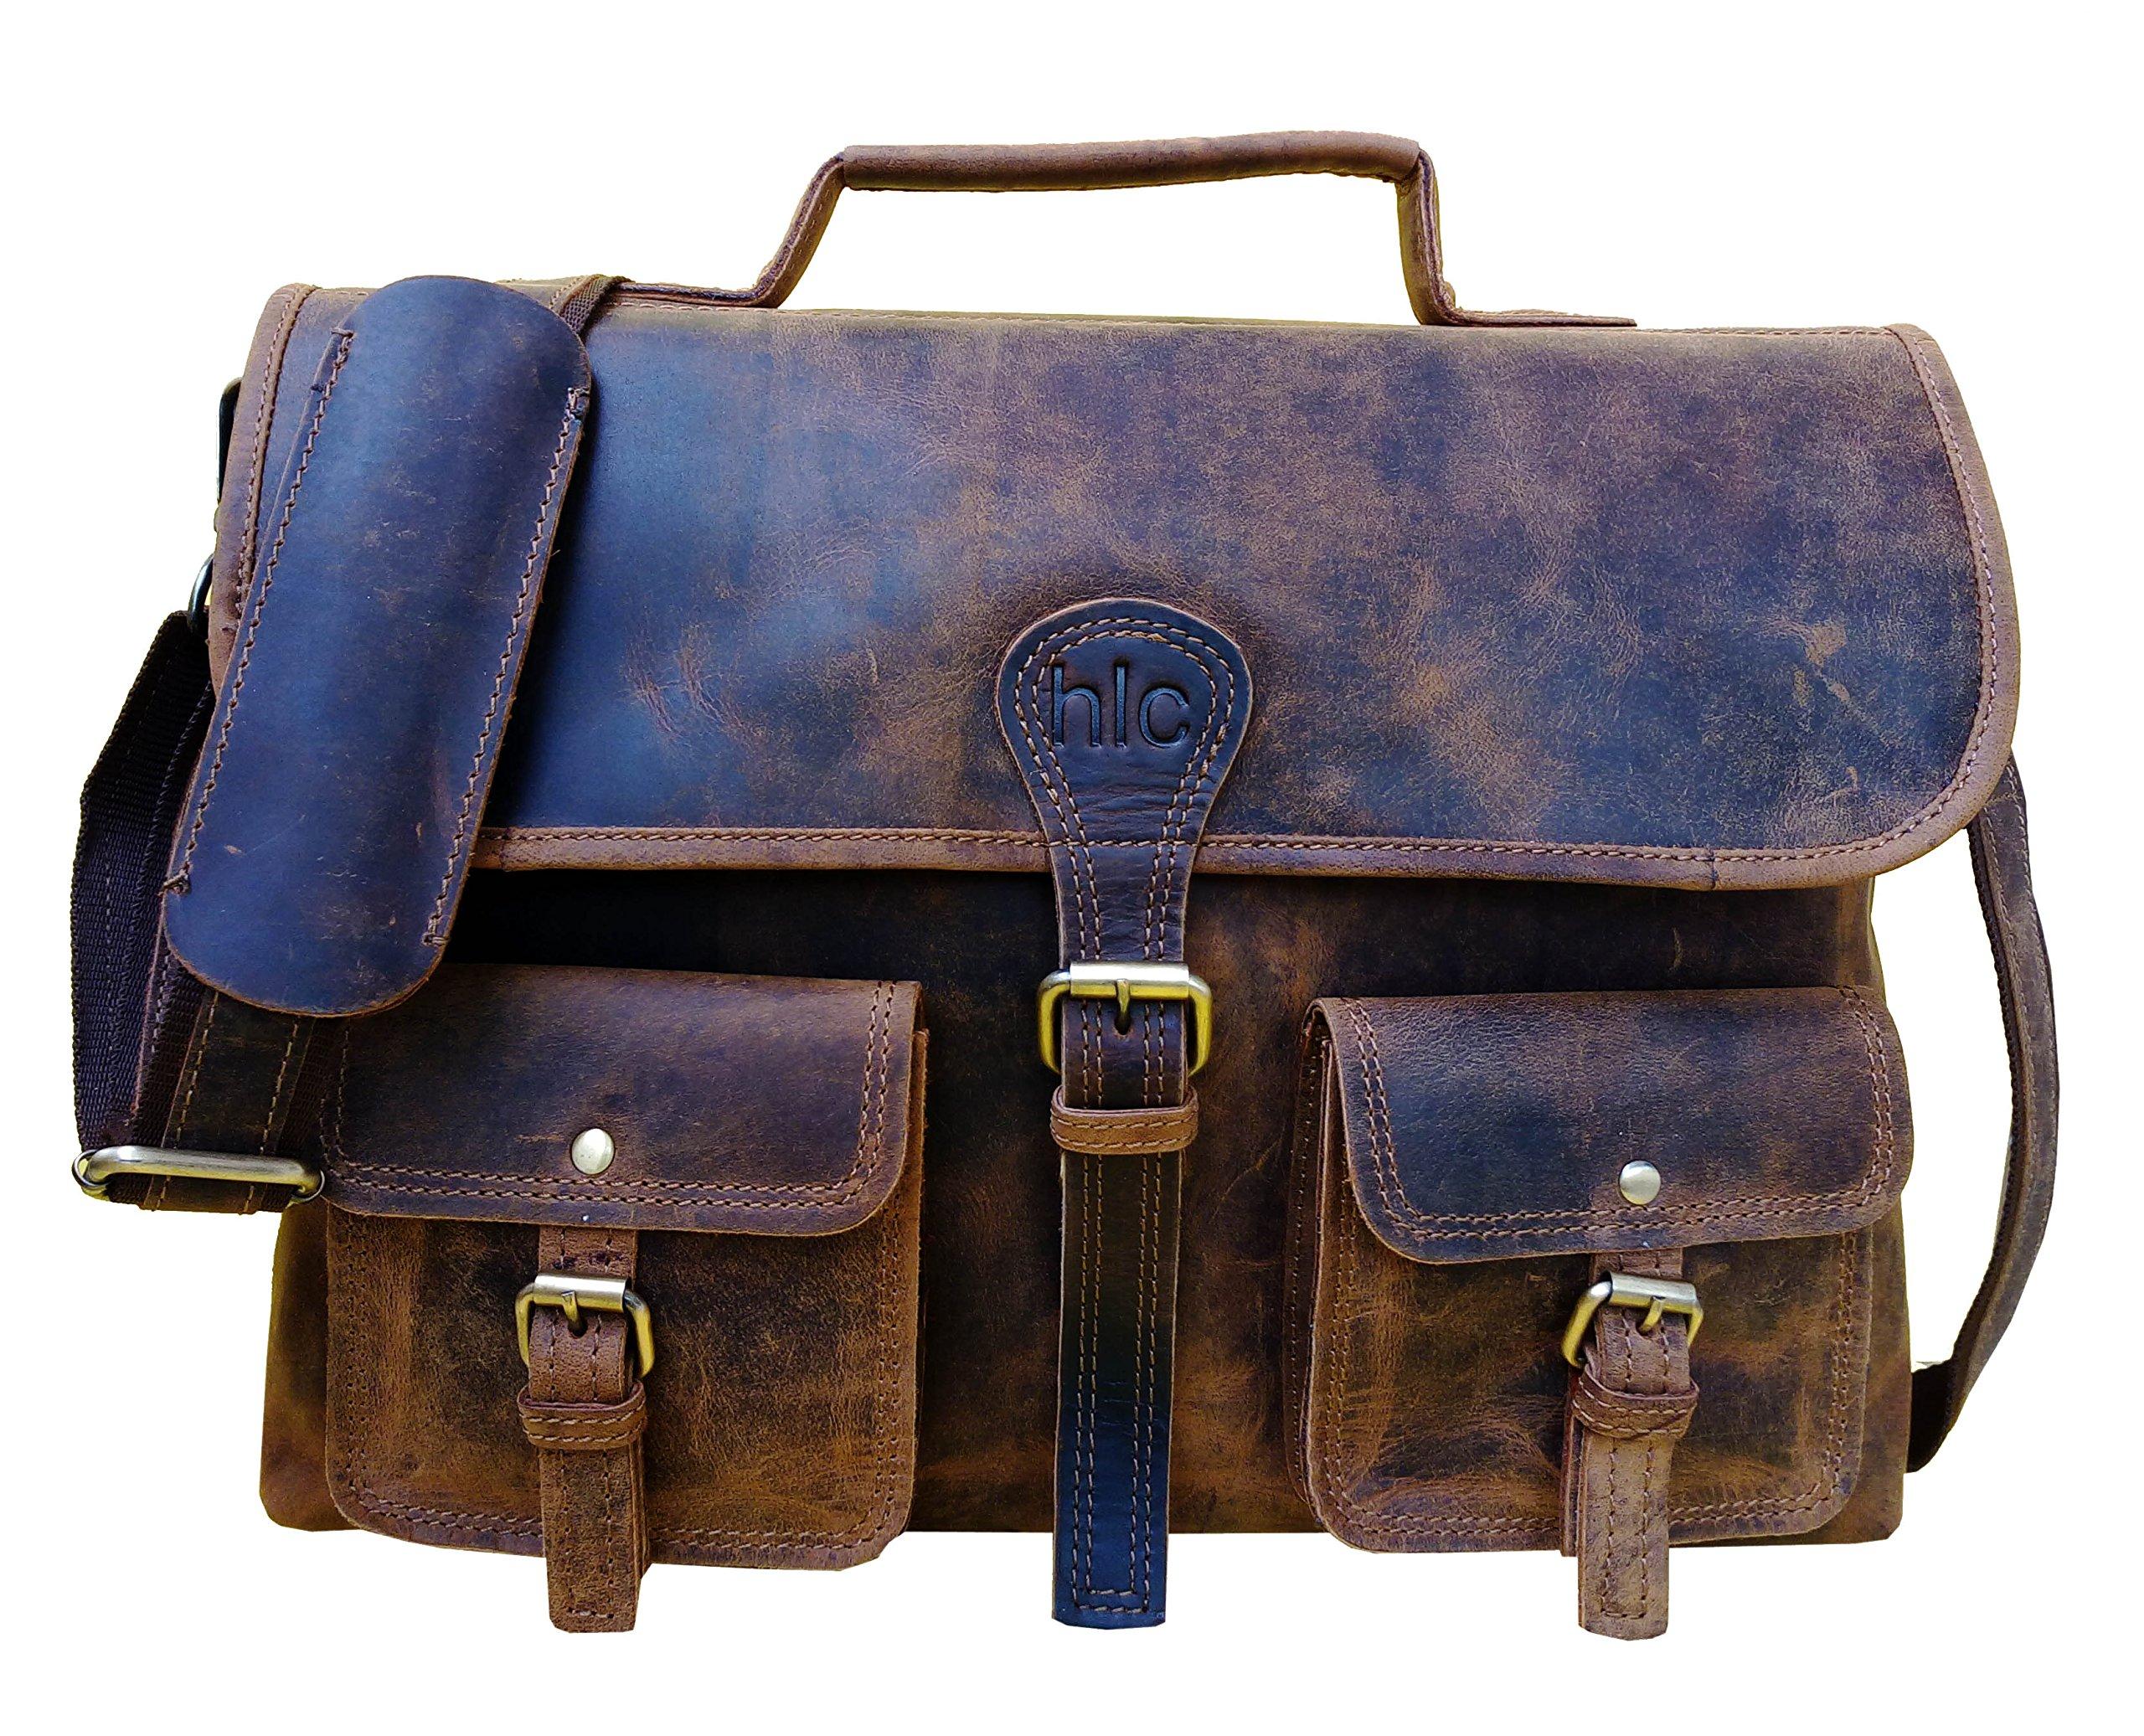 Handolederco. Vintage Leather Laptop Bag 15'' Messenger Handmade Briefcase Crossbody Shoulder School Bag by HLC